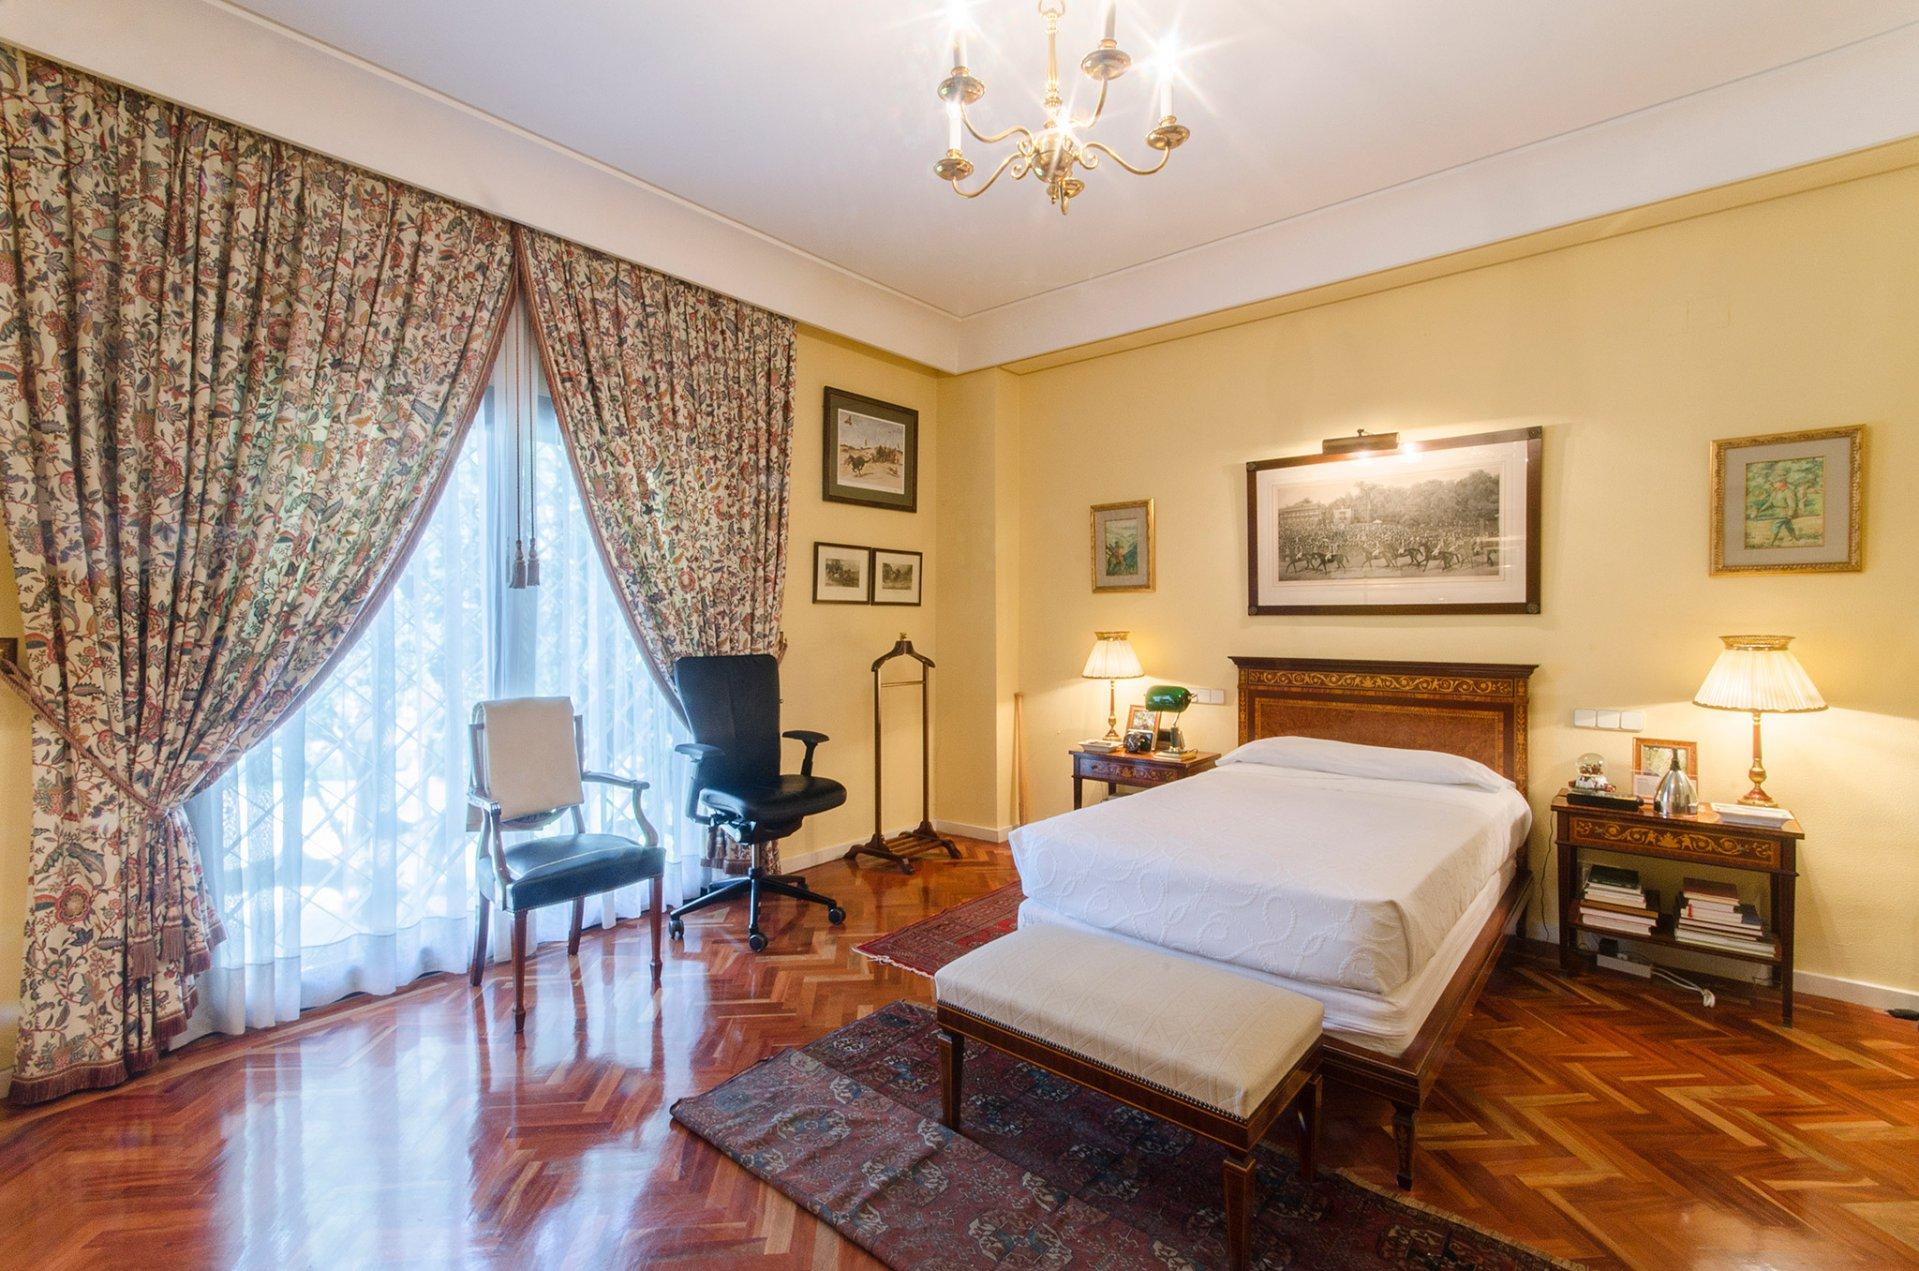 Anuncio venta casa boadilla del monte 28660 v0002mac for Calle alberca 9 boadilla del monte